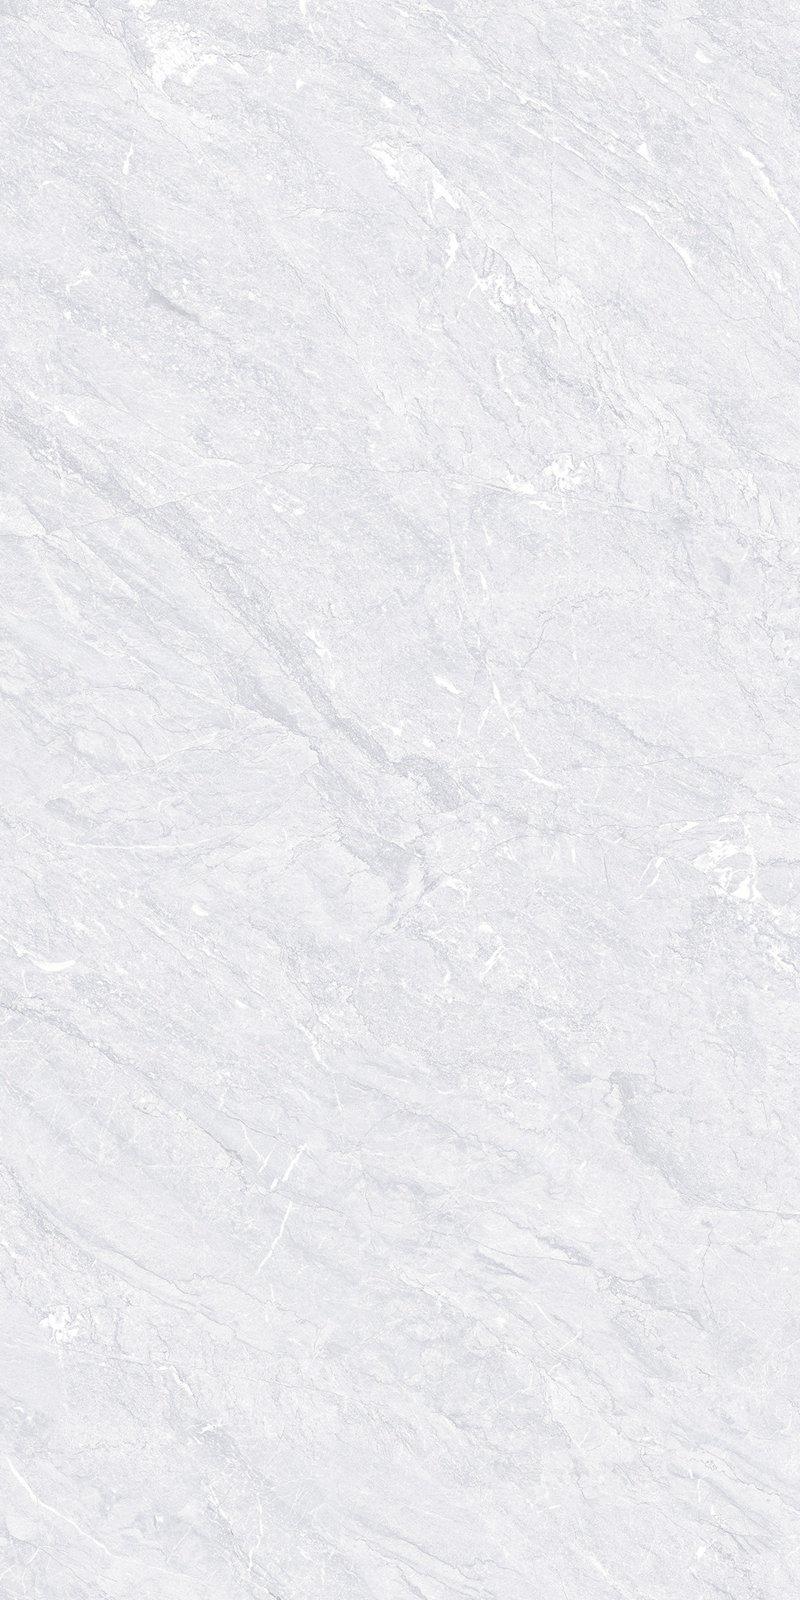 CGTB61206威尼斯灰